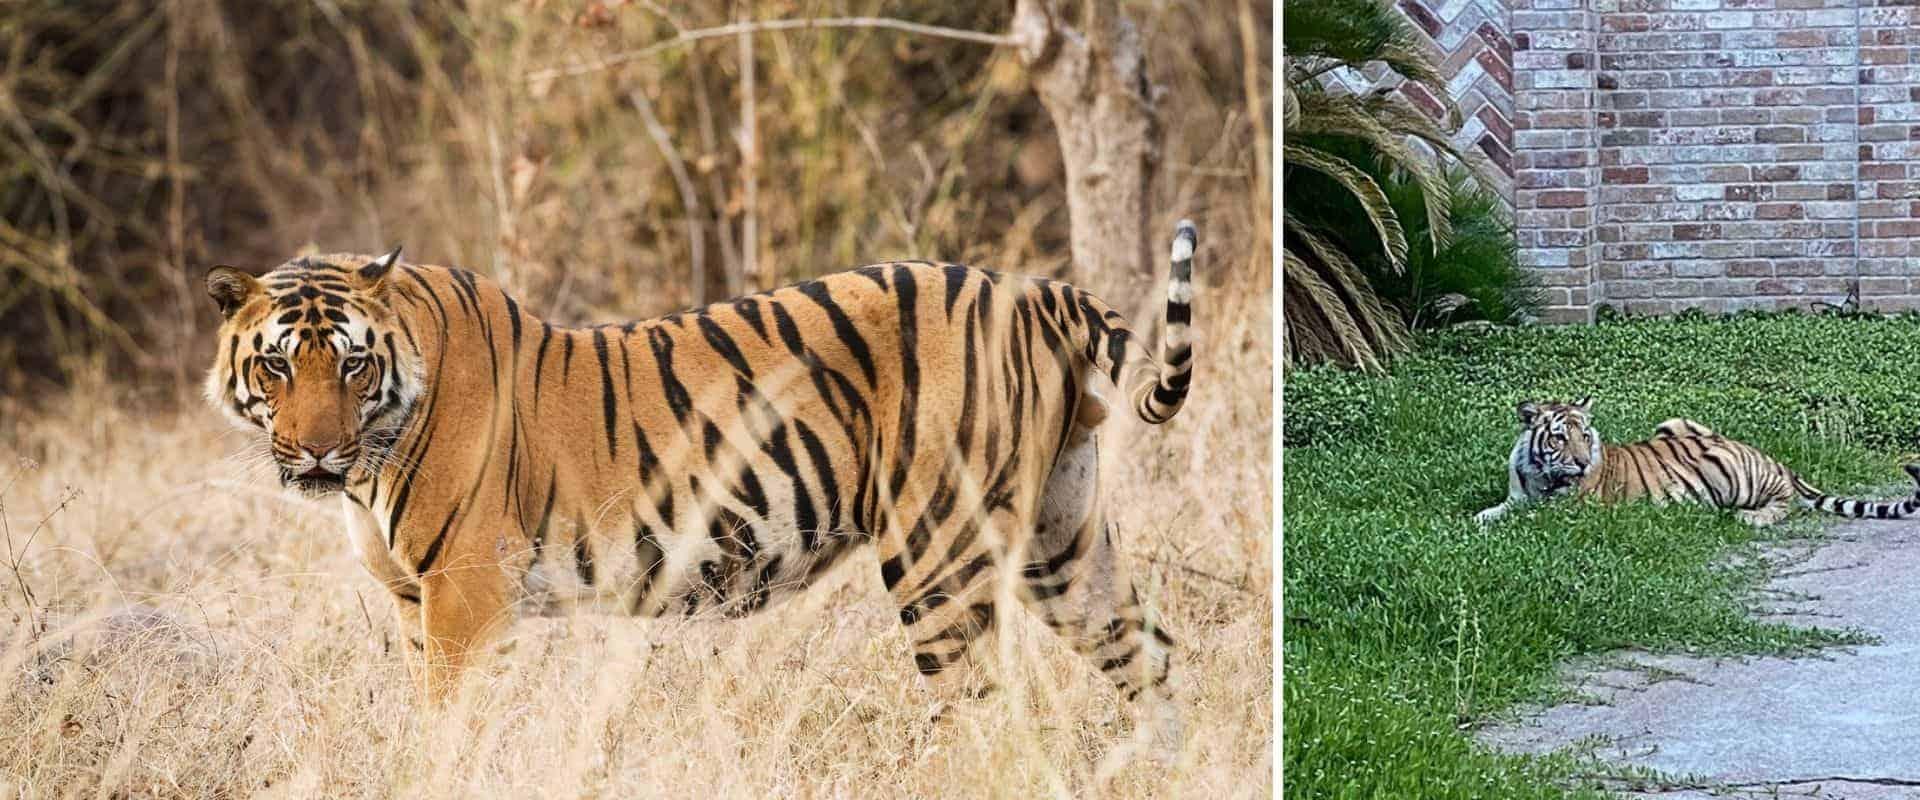 La dueña de un santuario animal ofrece 5.000 dólares de recompensa para quienes encuentren a un tigre de Bengala que anda suelto en Texas